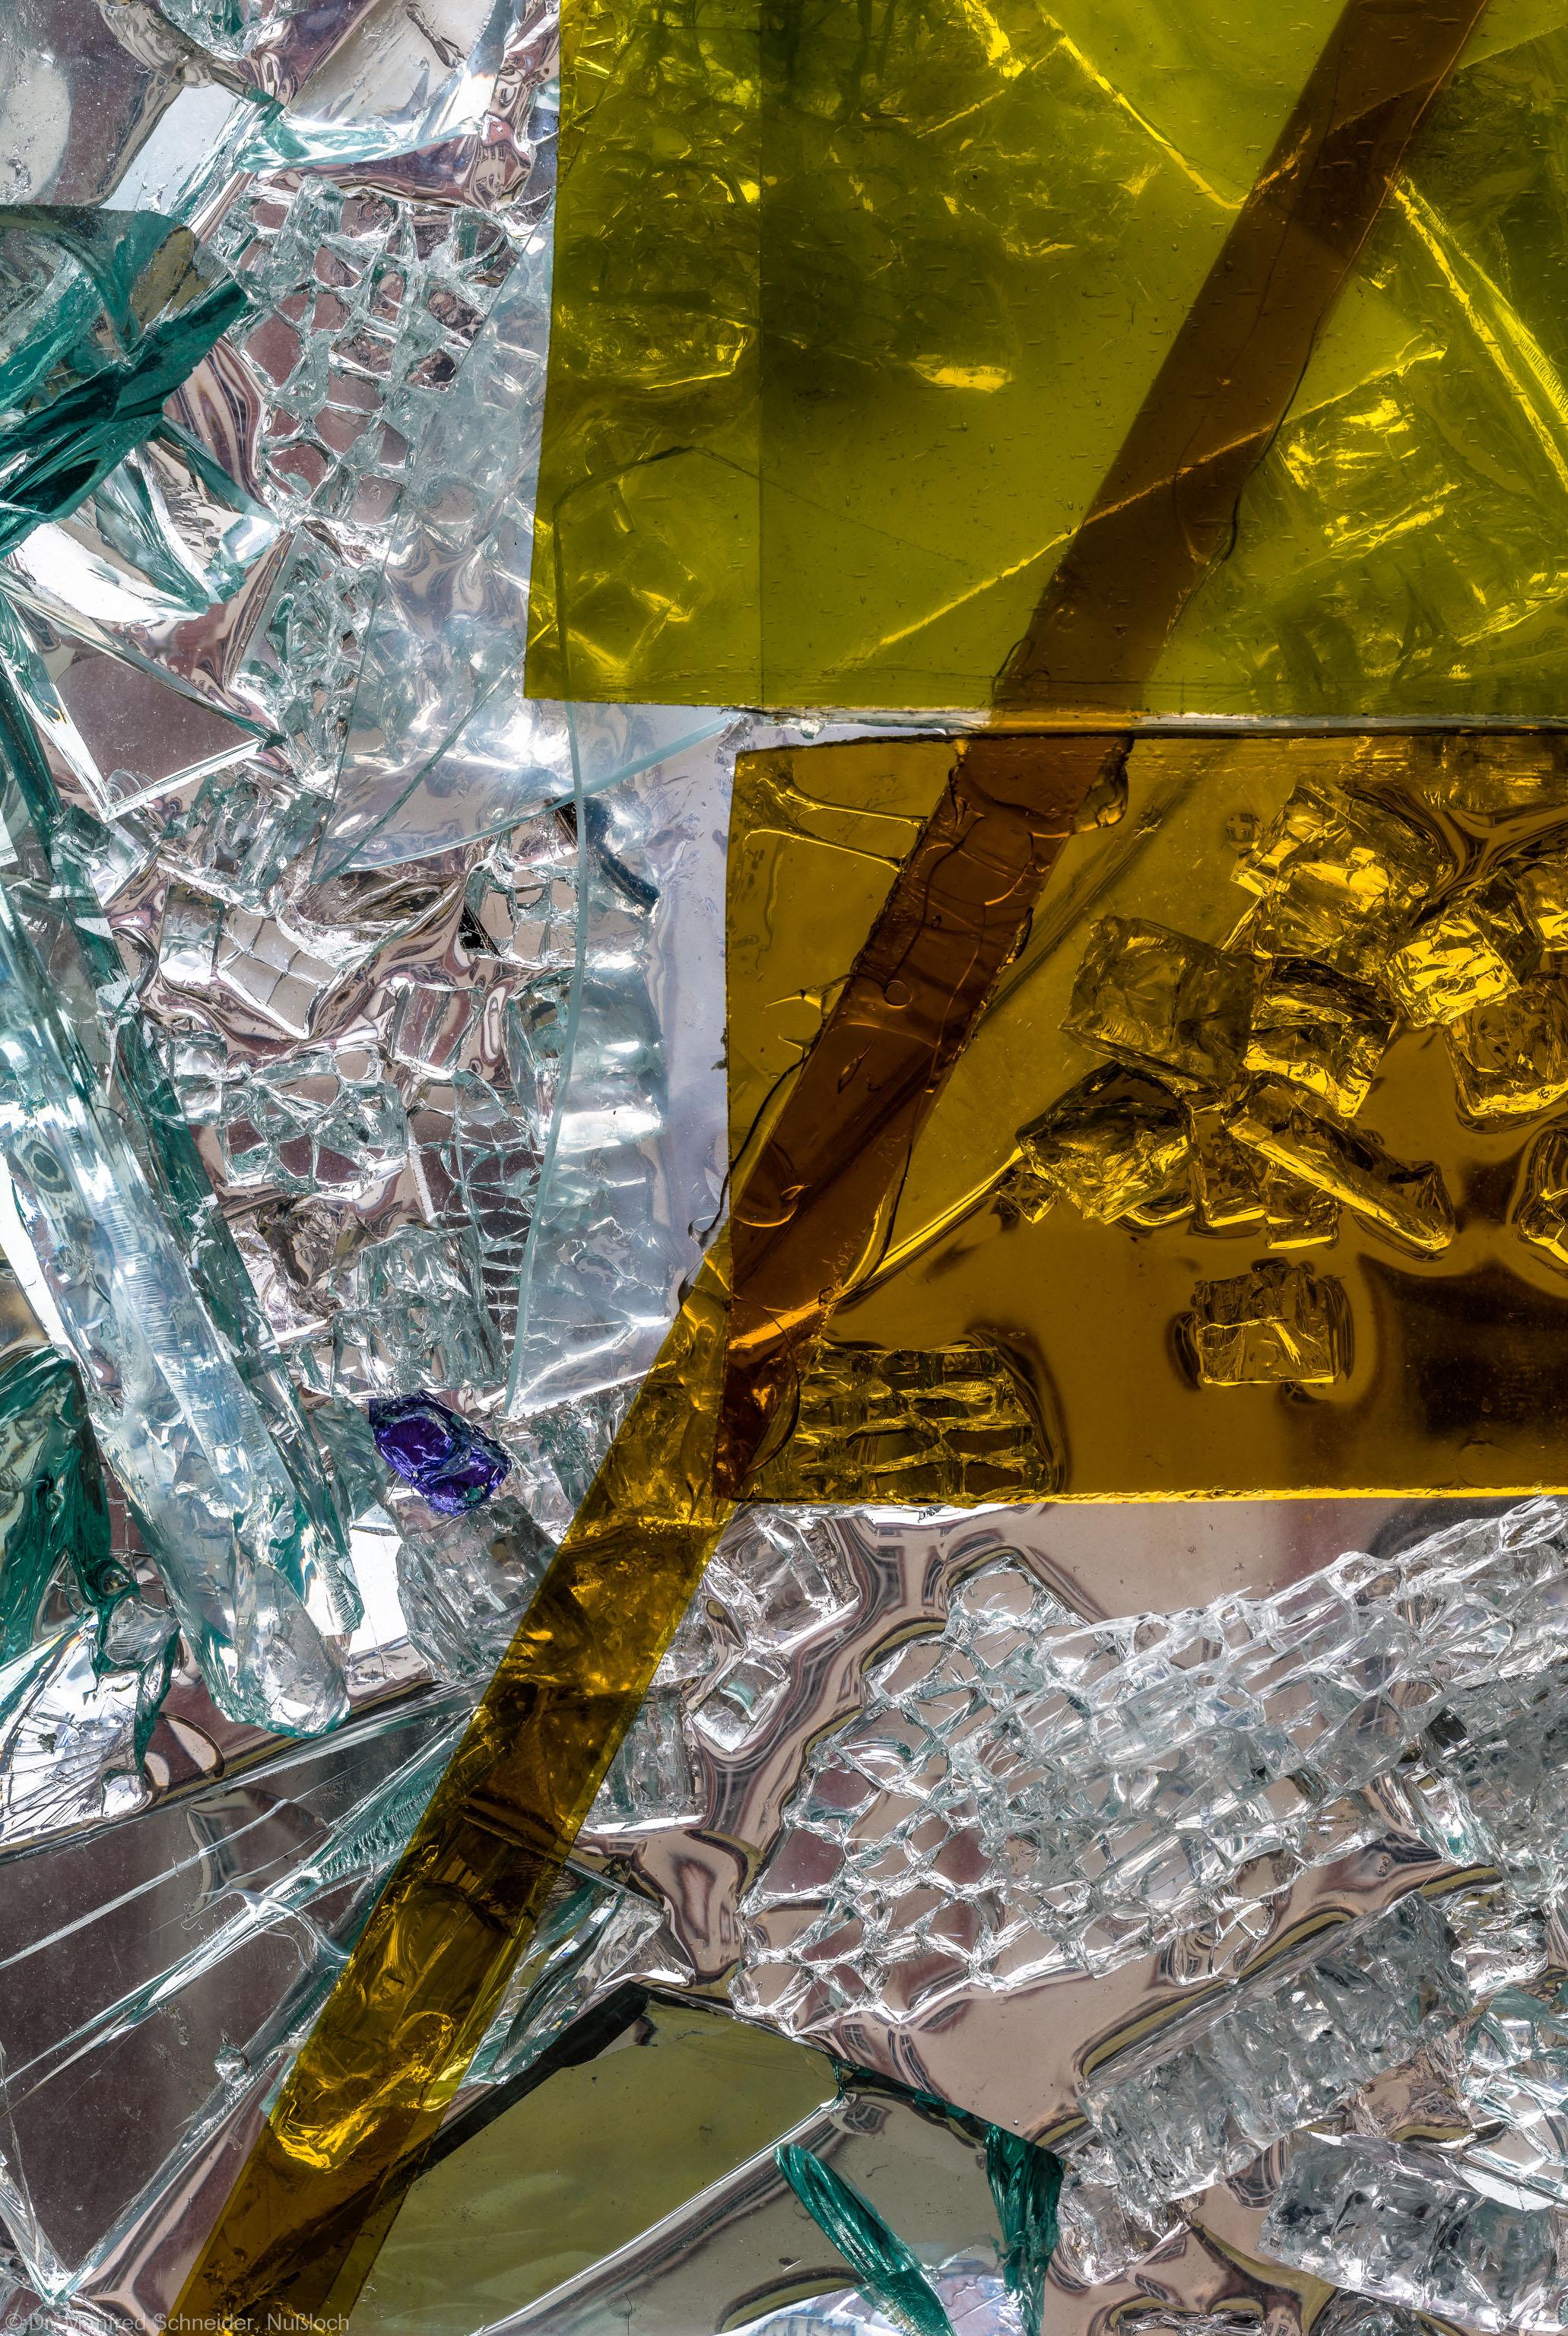 """Heidelberg - Heiliggeistkirche - Nordschiff - 3. Joch, von Westen aus gezählt - Ausschnitt aus Feld (linke Bahn, vierte Zeile) des Fensters """"Schöpfungsgeschichte - Gott sprach: es werde Licht"""" von Hella De Santarossa (aufgenommen im Oktober 2015, am Nachmittag)"""